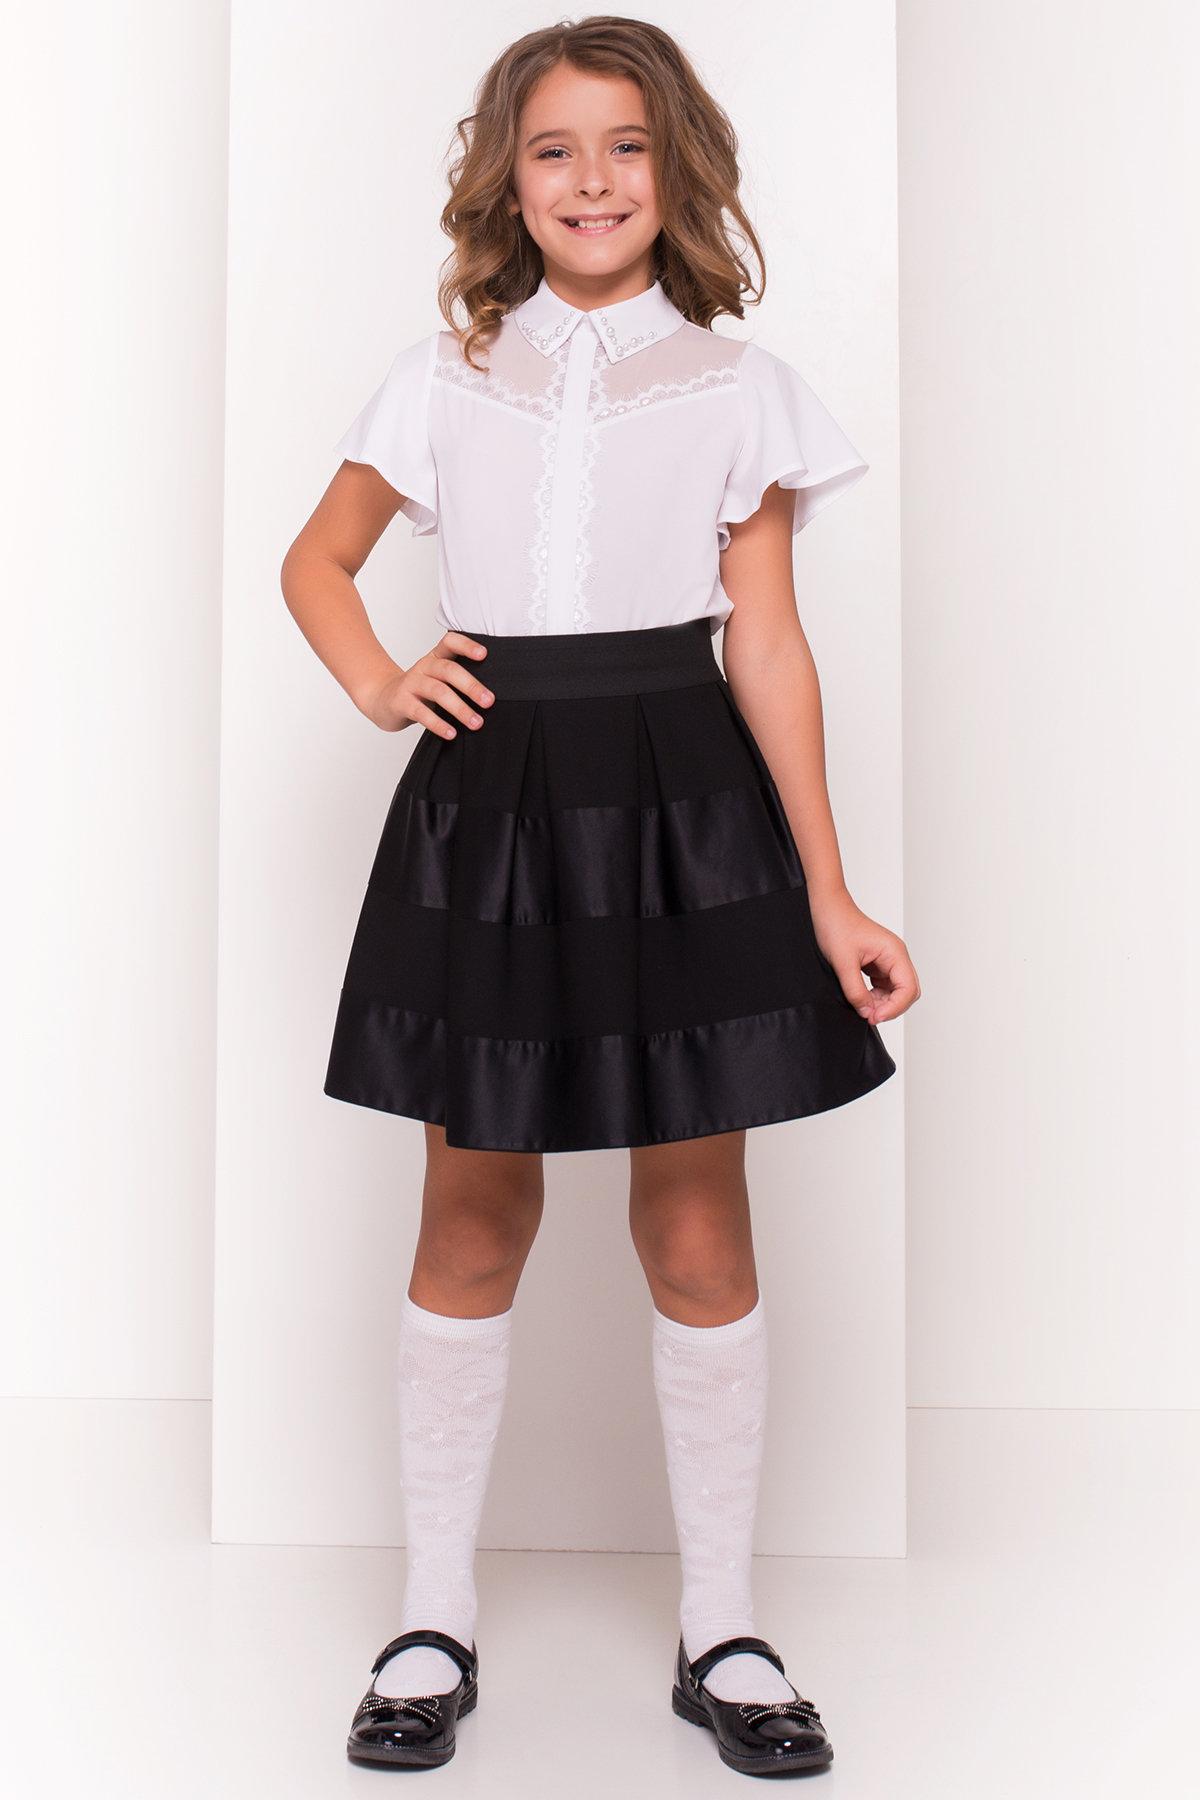 Блуза детская Зира 5135 АРТ. 36285 Цвет: Белый - фото 3, интернет магазин tm-modus.ru